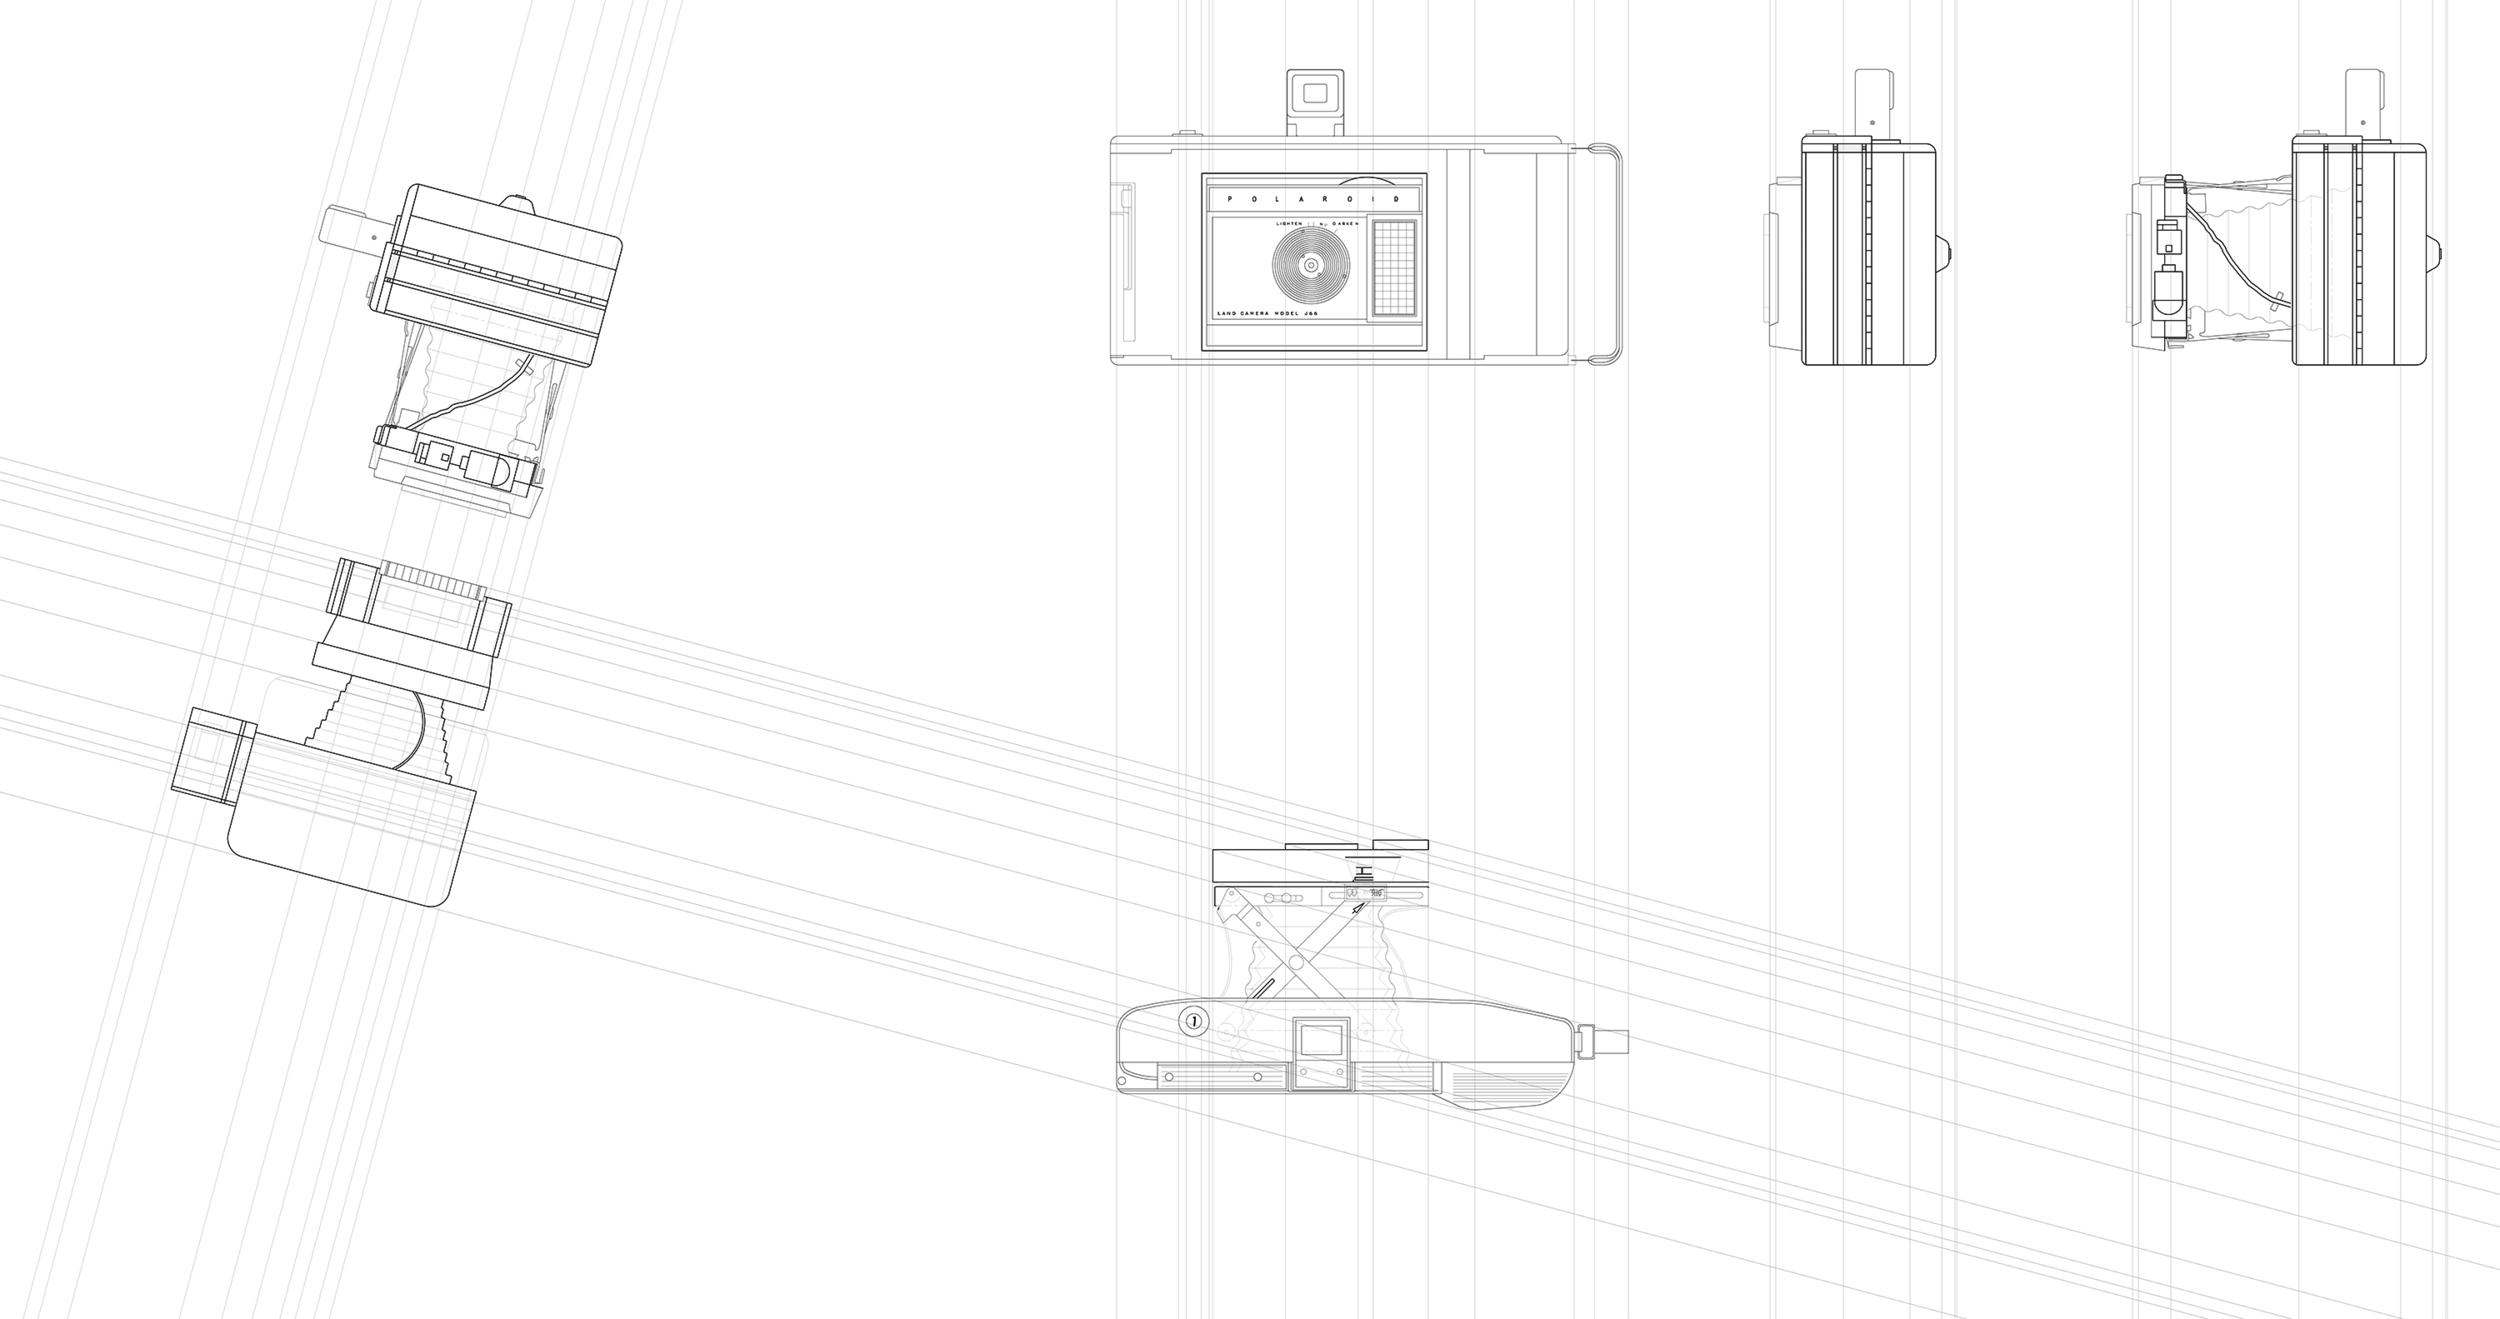 Bellows Camera_2d module final-2.jpg